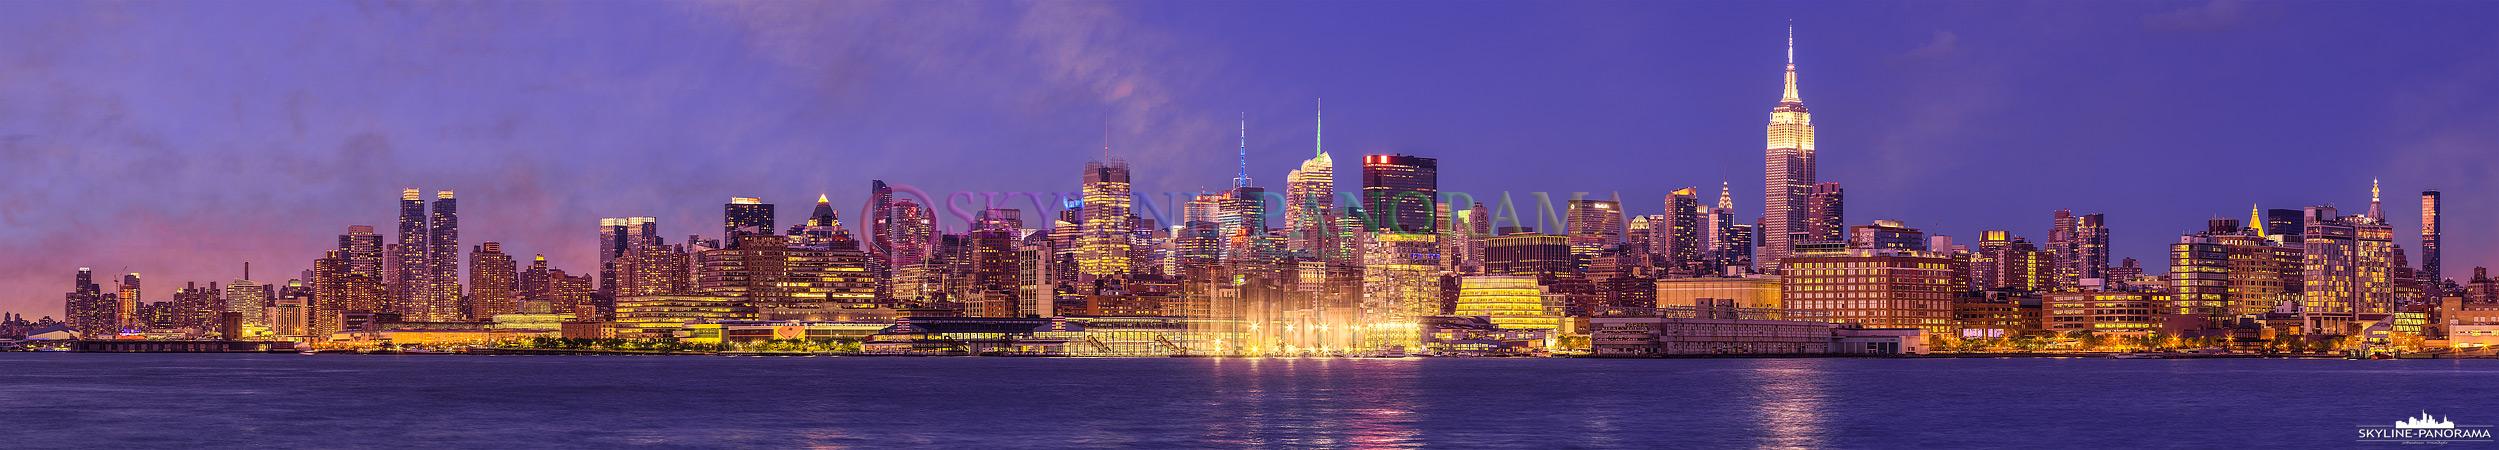 Manhattan Panorama - Die Skyline von New York City mit dem Hudson River zur einbrechenden Nacht von Hoboken/ New Jersey aus gesehen.